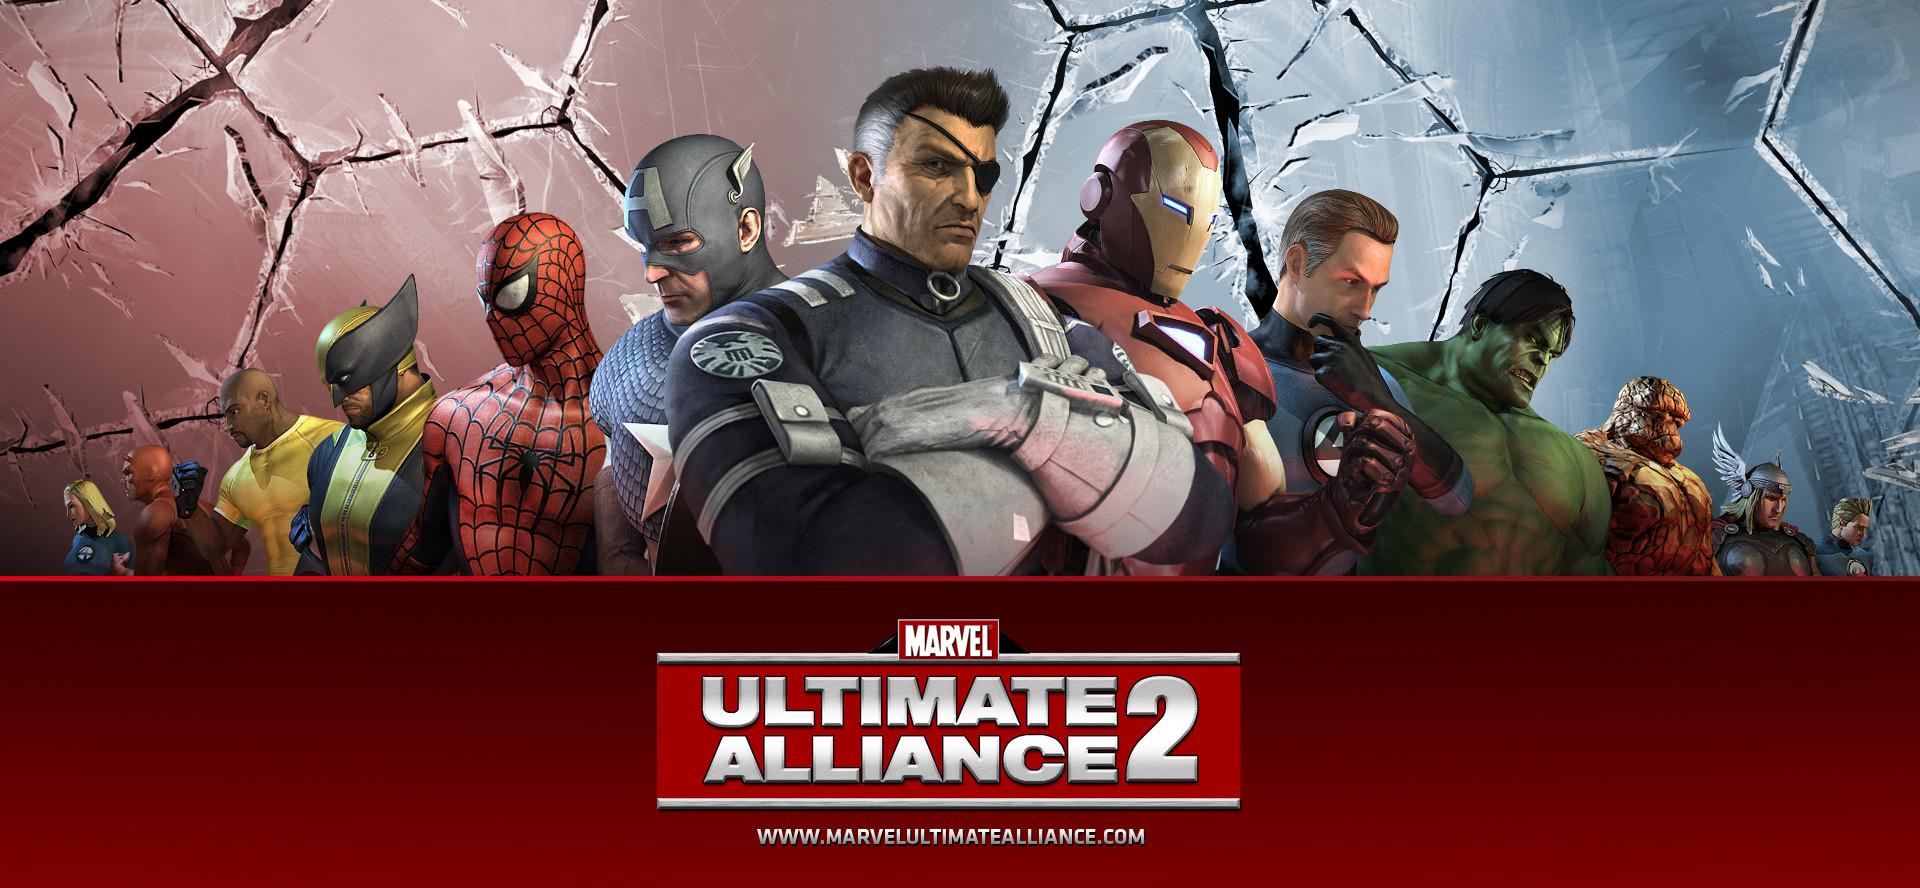 ultimate alliance 2 website